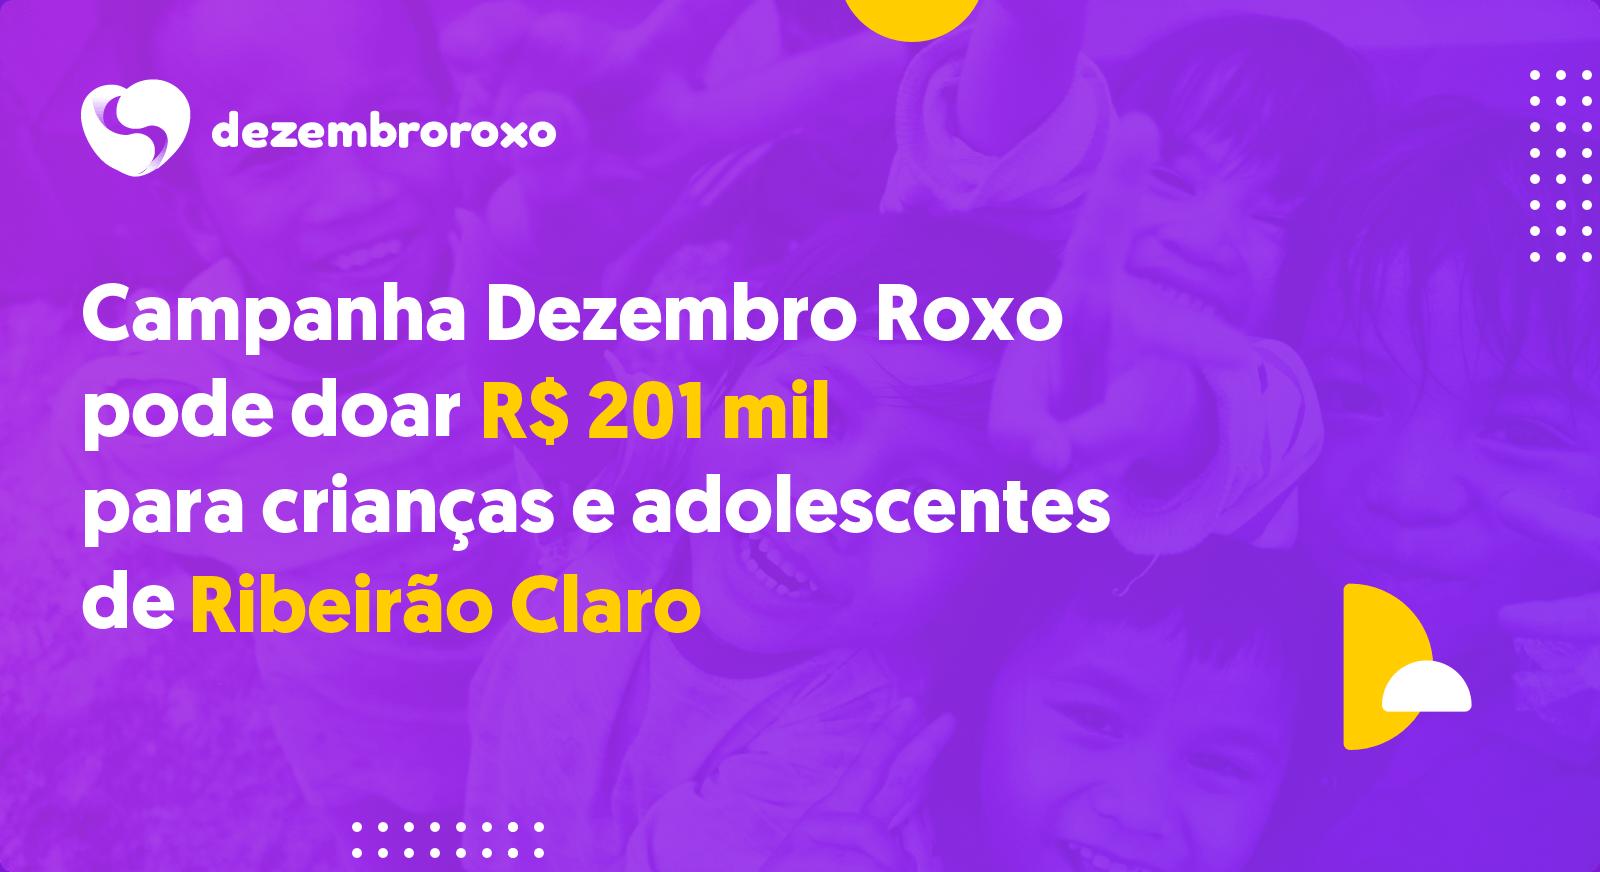 Doações em Ribeirão Claro - PR